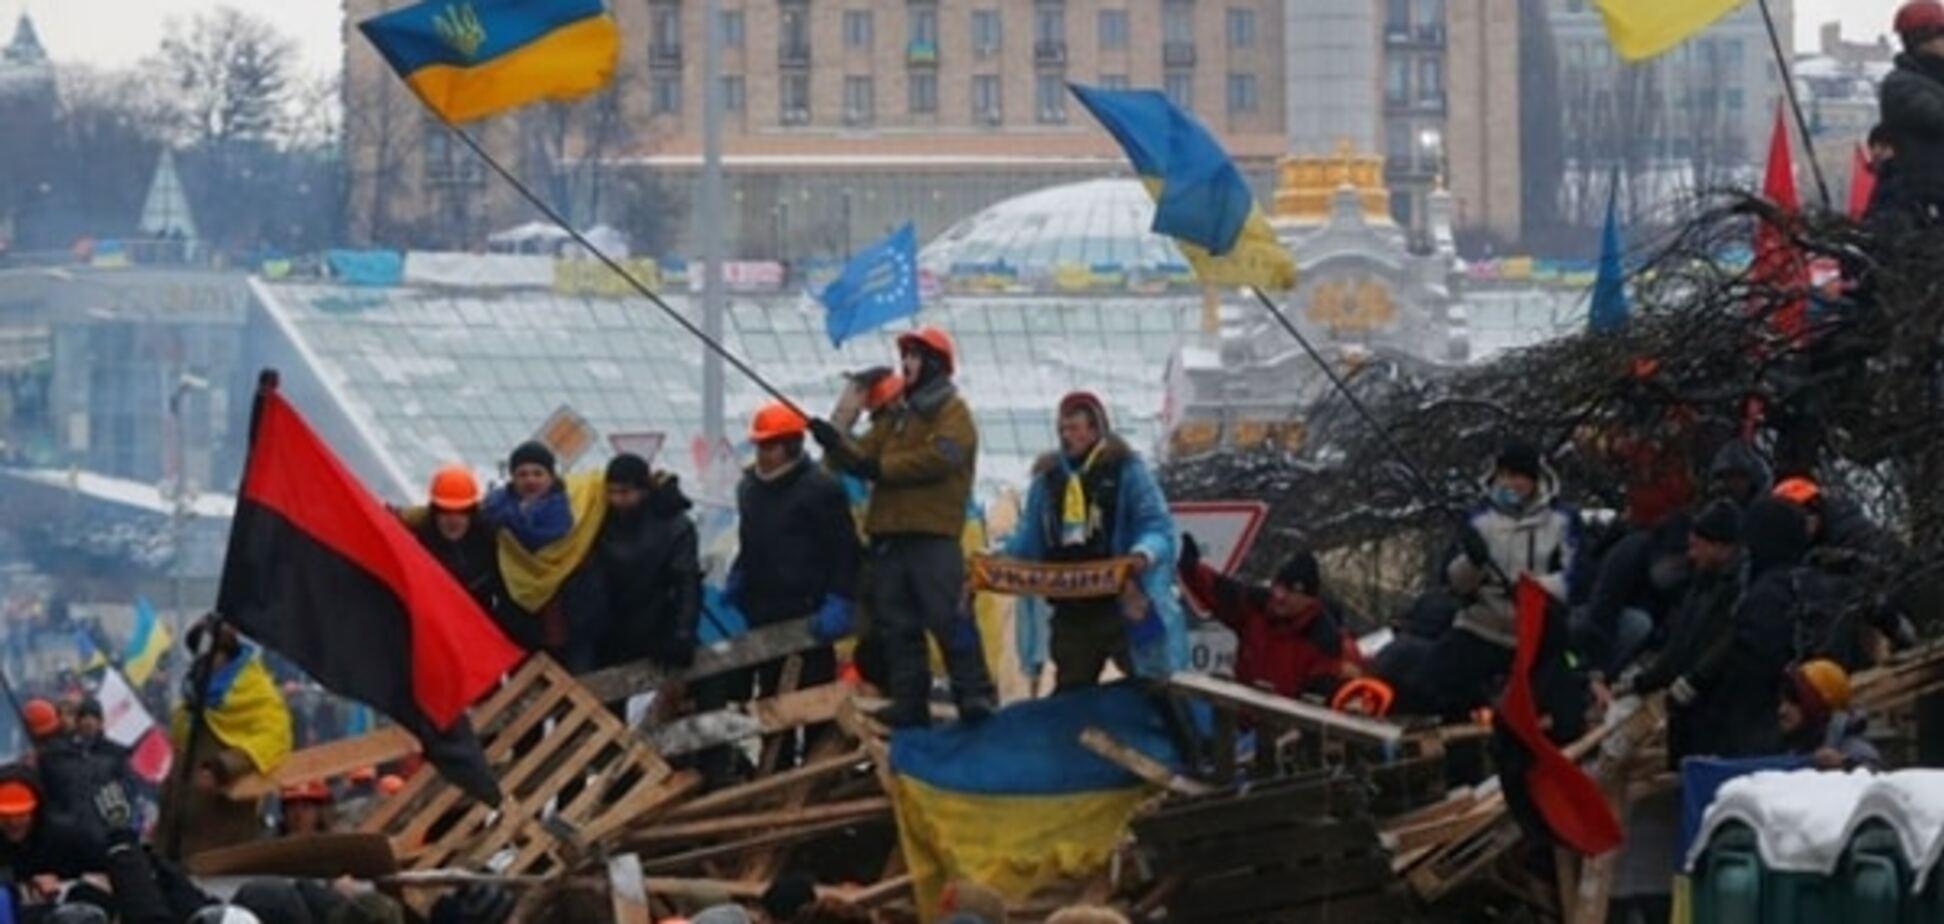 Більше половини українців висловили готовність вийти на протести